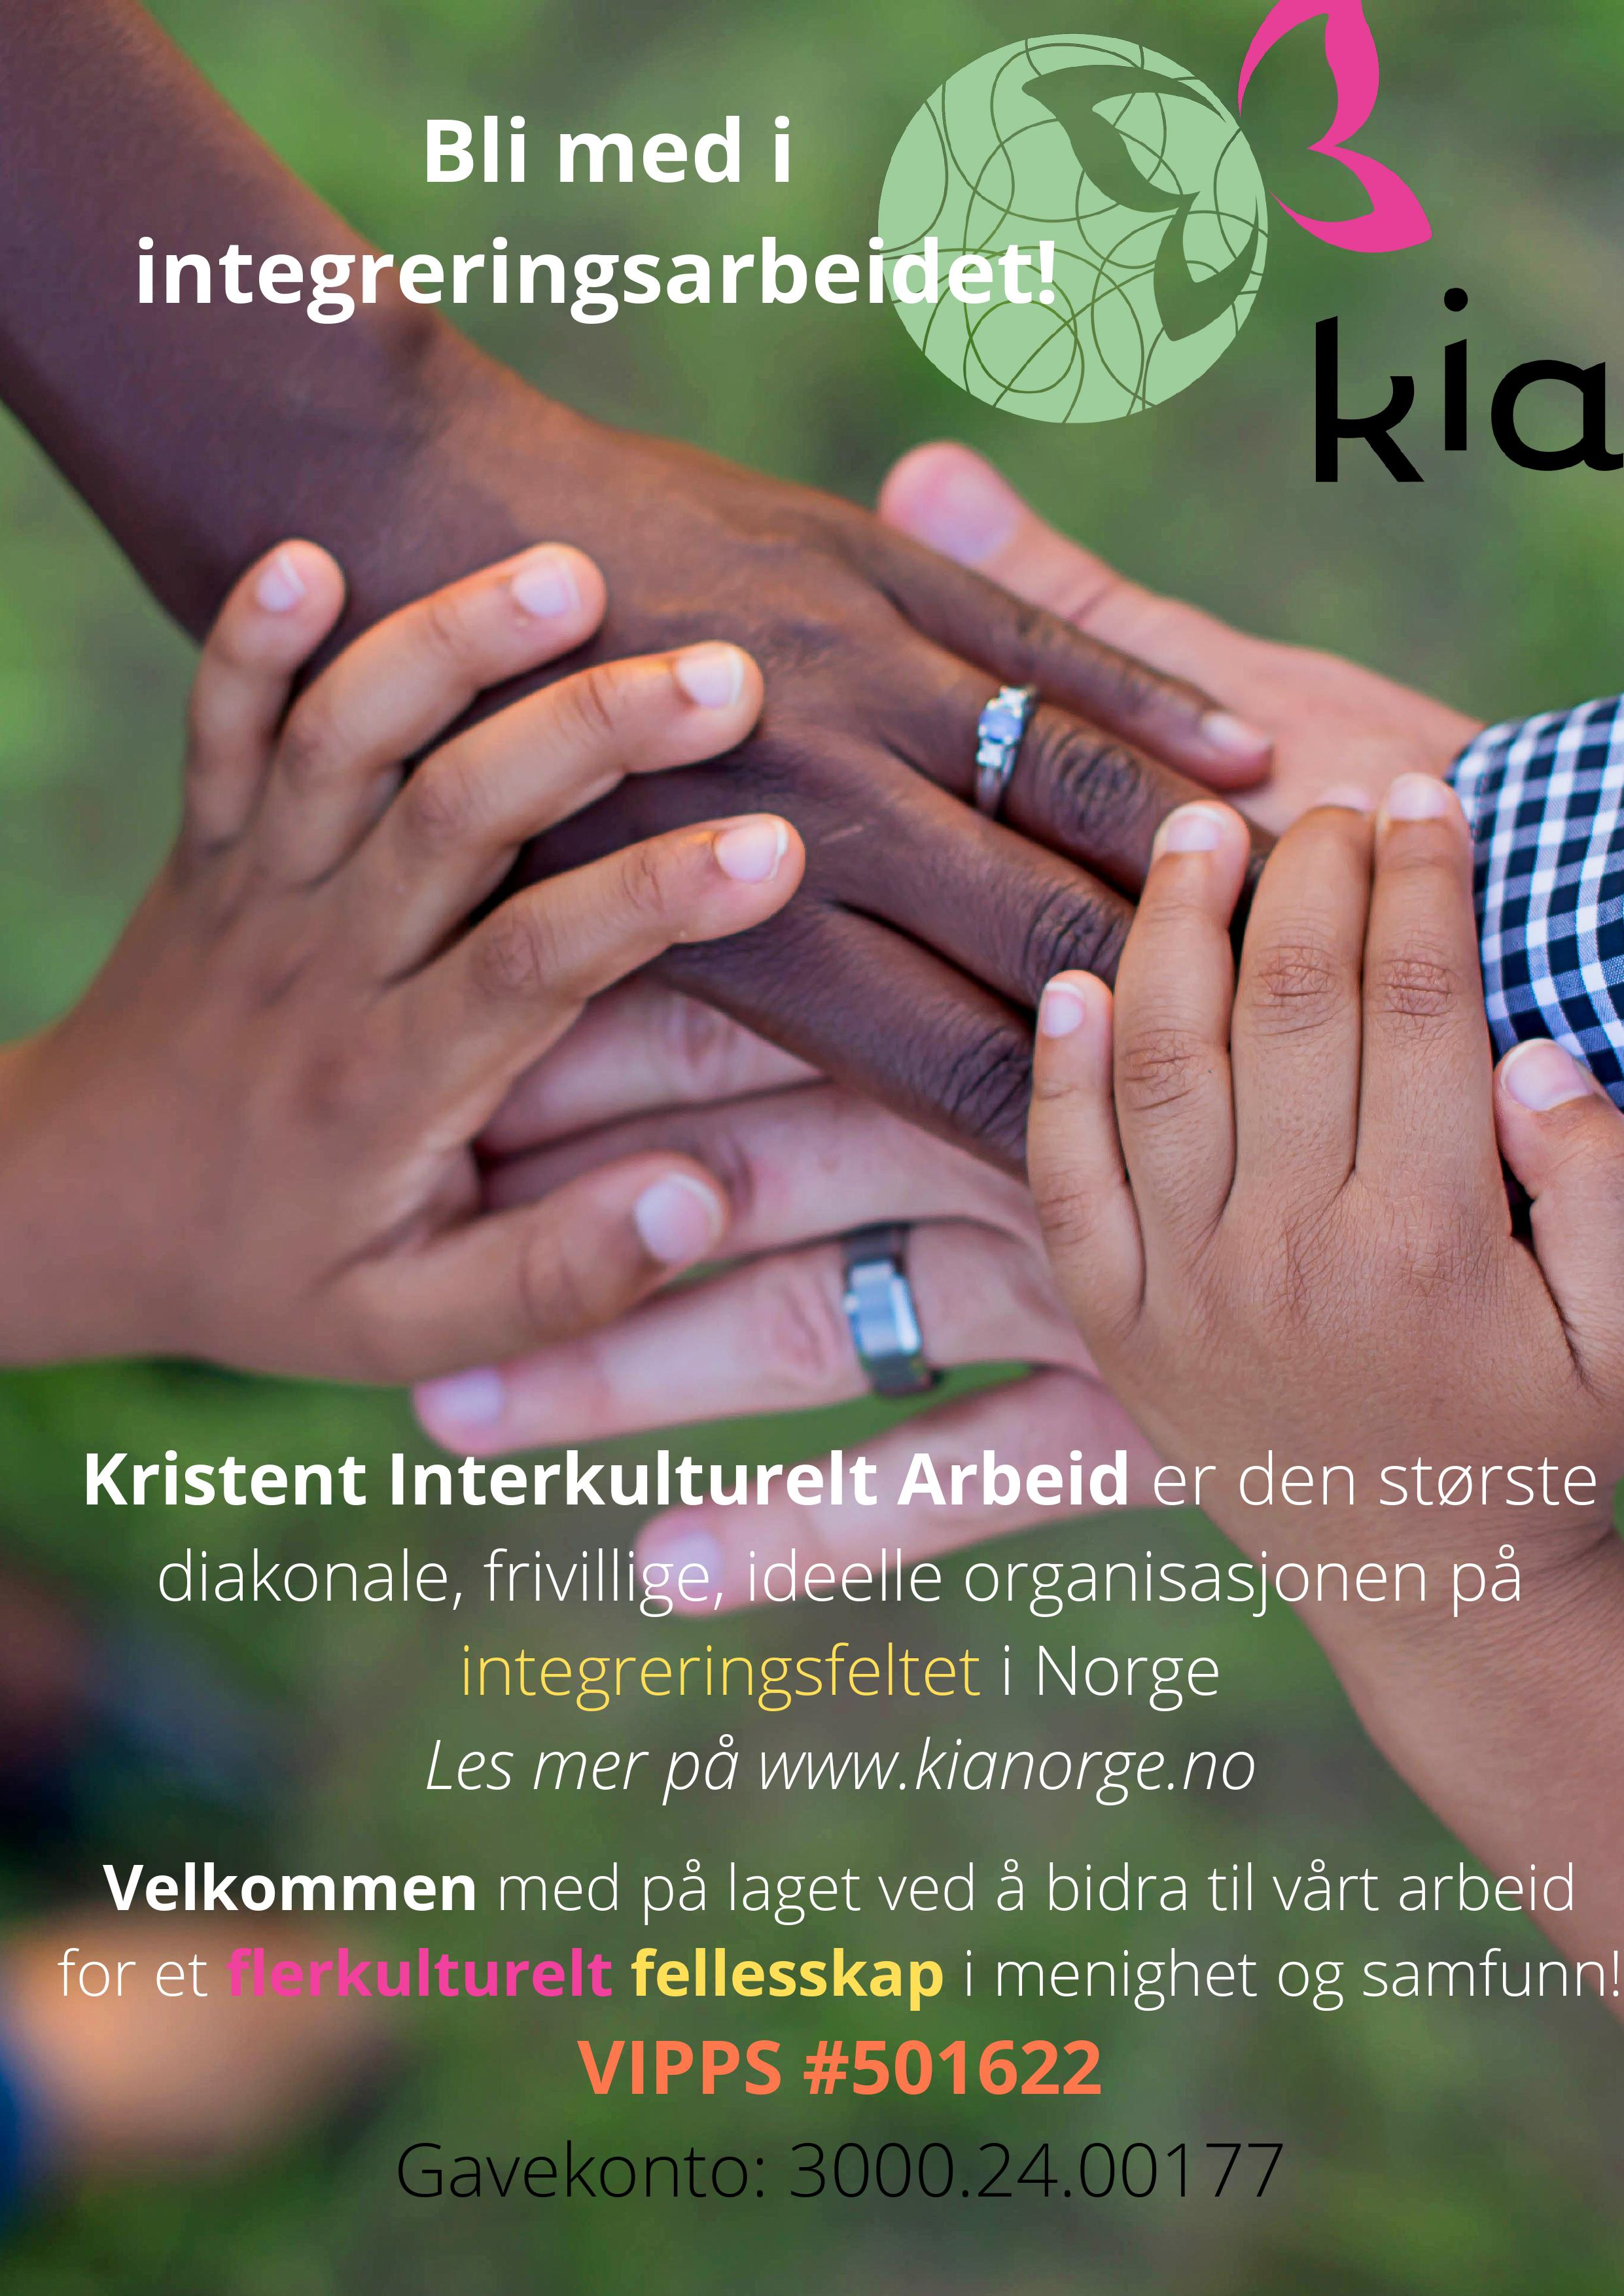 Plakat med bilde av flettet hender av ulik nasjonalitet og teksten «Bli med i integreringsareidet».